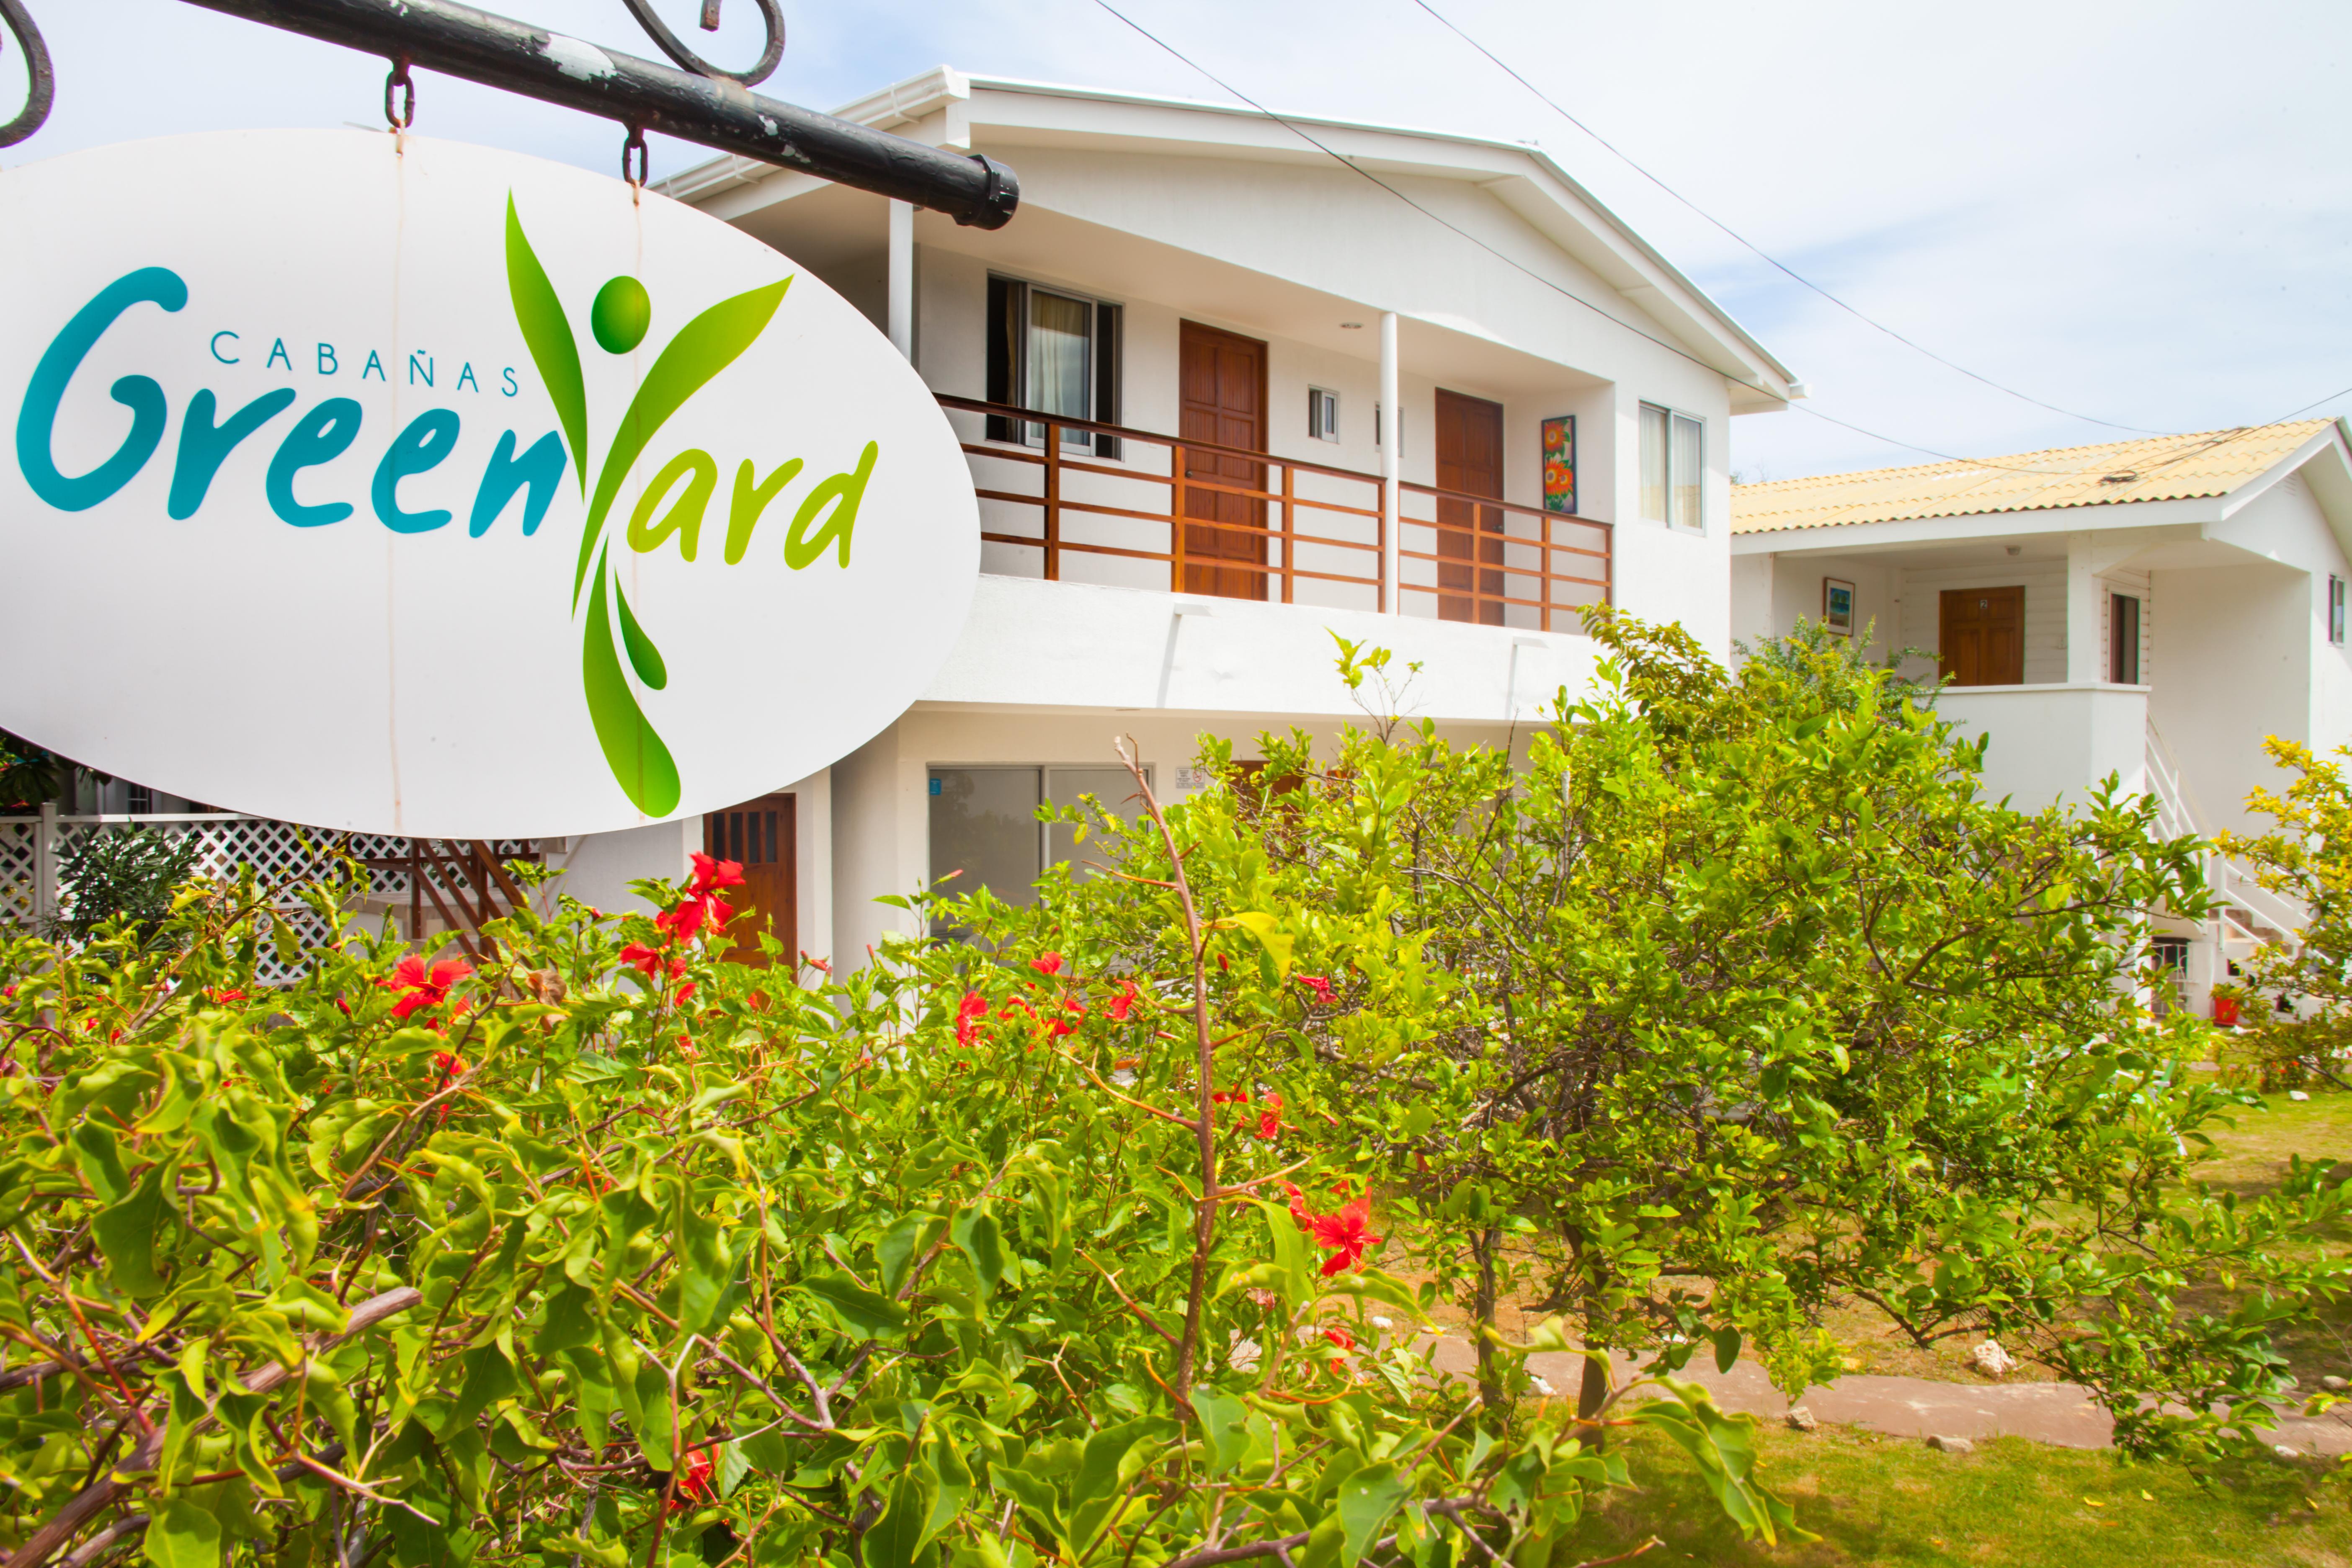 Cabanas Green Yard, San Andrés